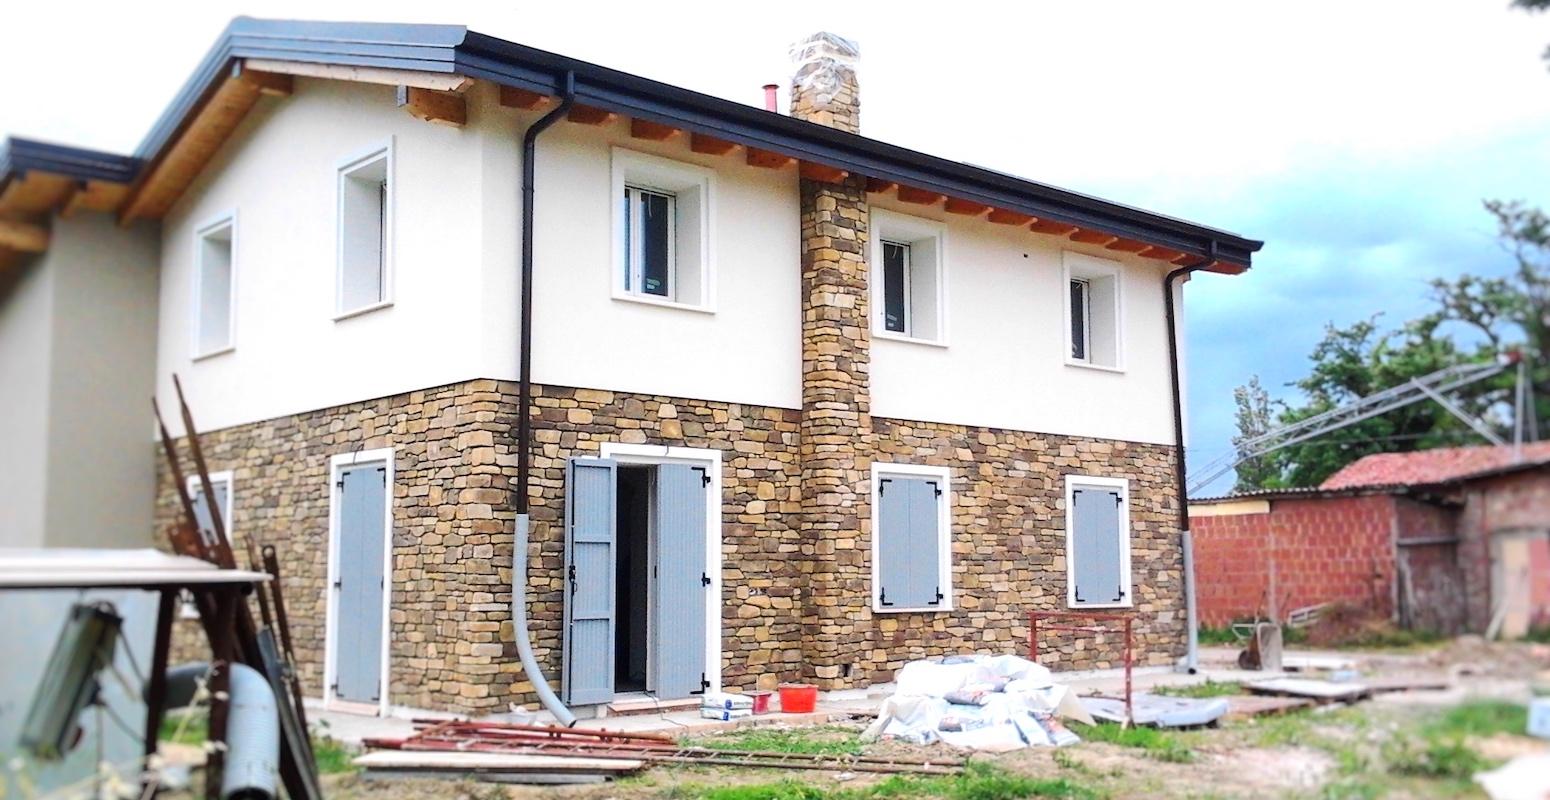 Assistenza tecnica e pratiche edilizie